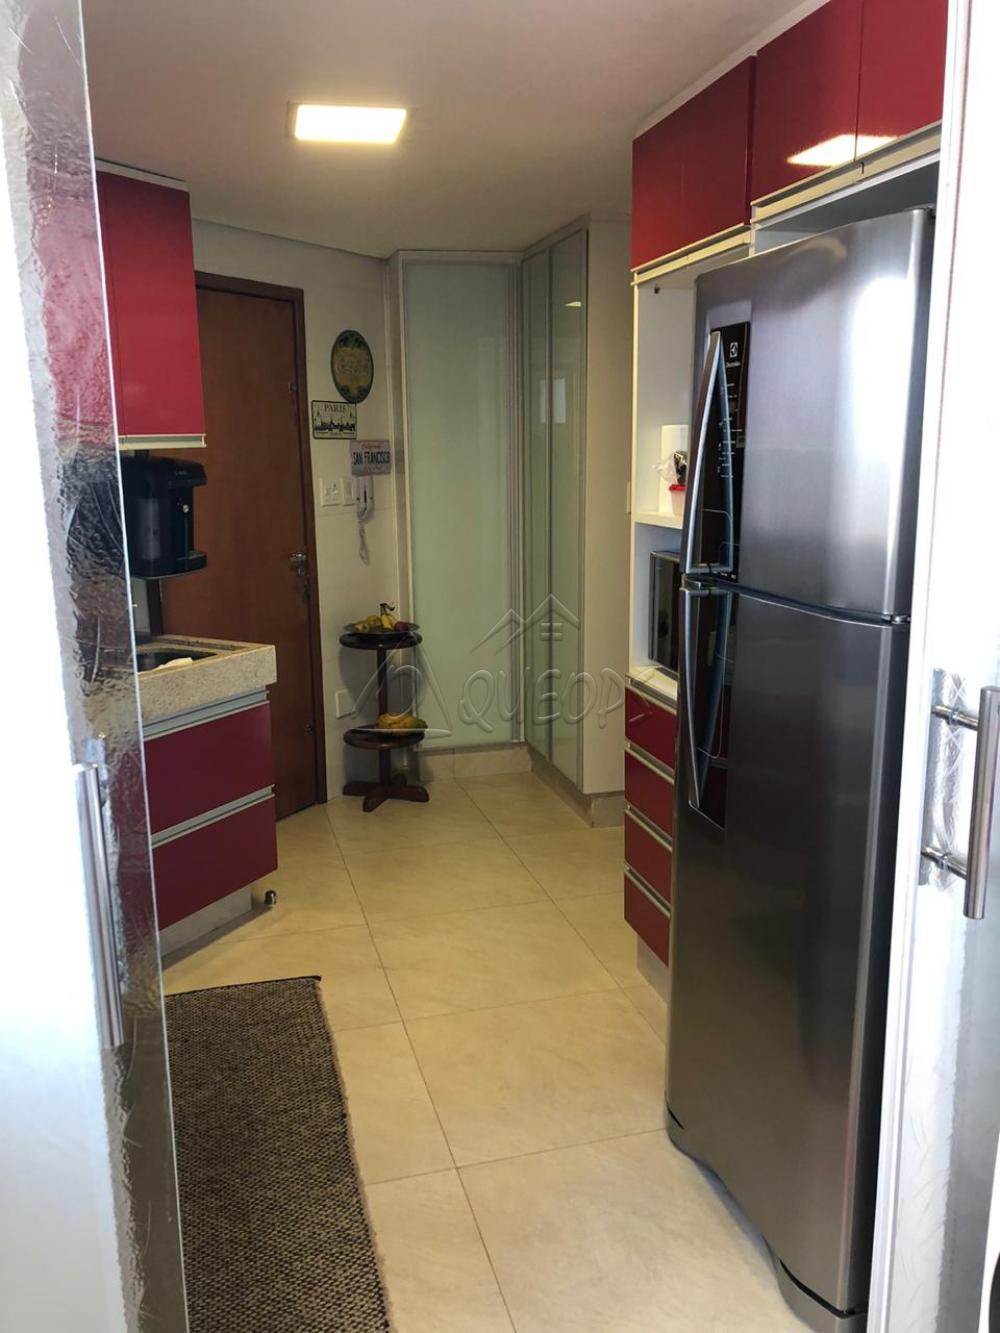 Comprar Apartamento / Padrão em Barretos apenas R$ 700.000,00 - Foto 29